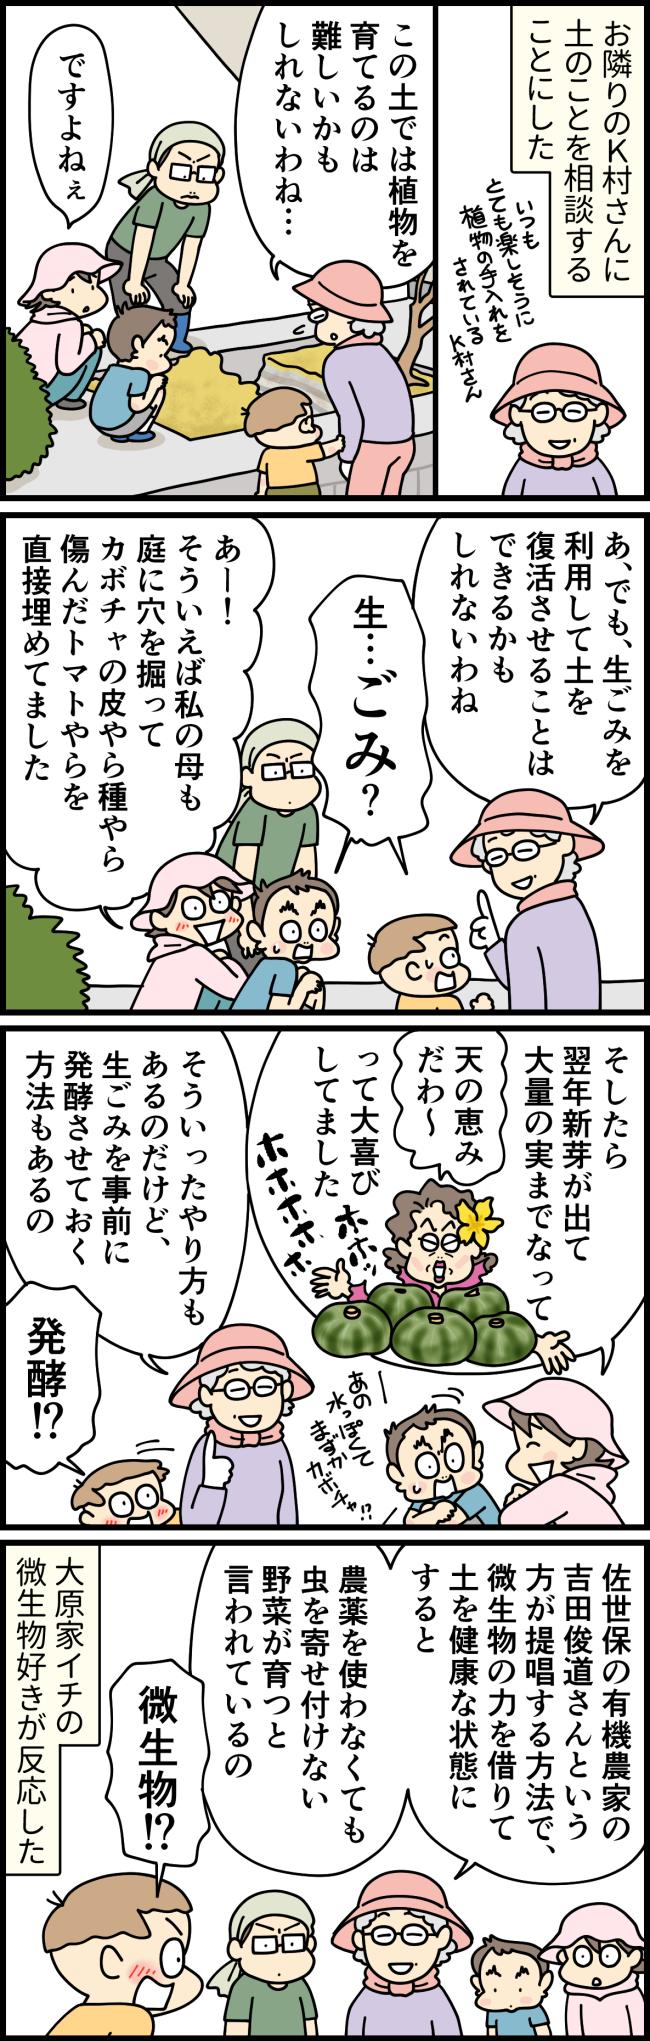 佐世保に住む有機農家の吉田俊道さんが提唱する、微生物の力を借りる土作りをレクチャーしてくださるお隣に住む女性と、それに反応する大原家の次男レイ